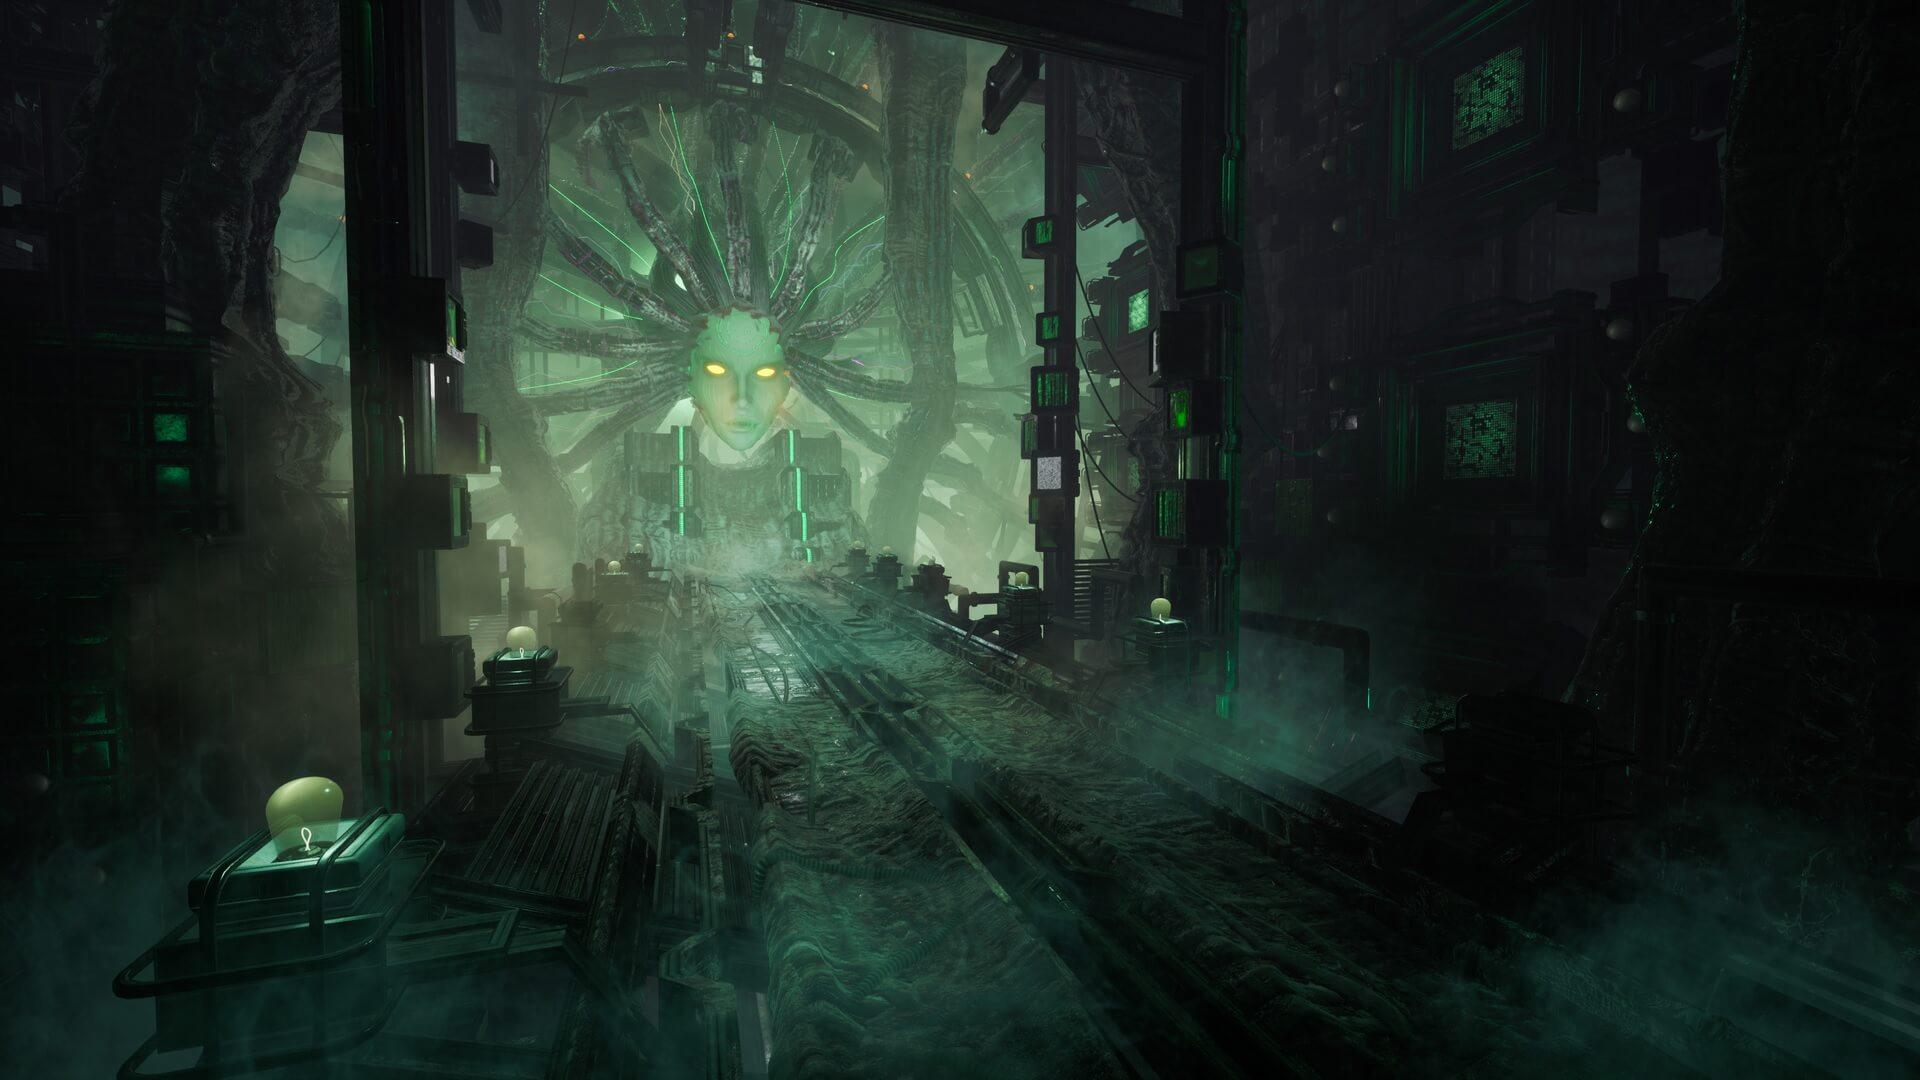 《网络奇兵2增强版》仍在开发 游戏将加入VR支持